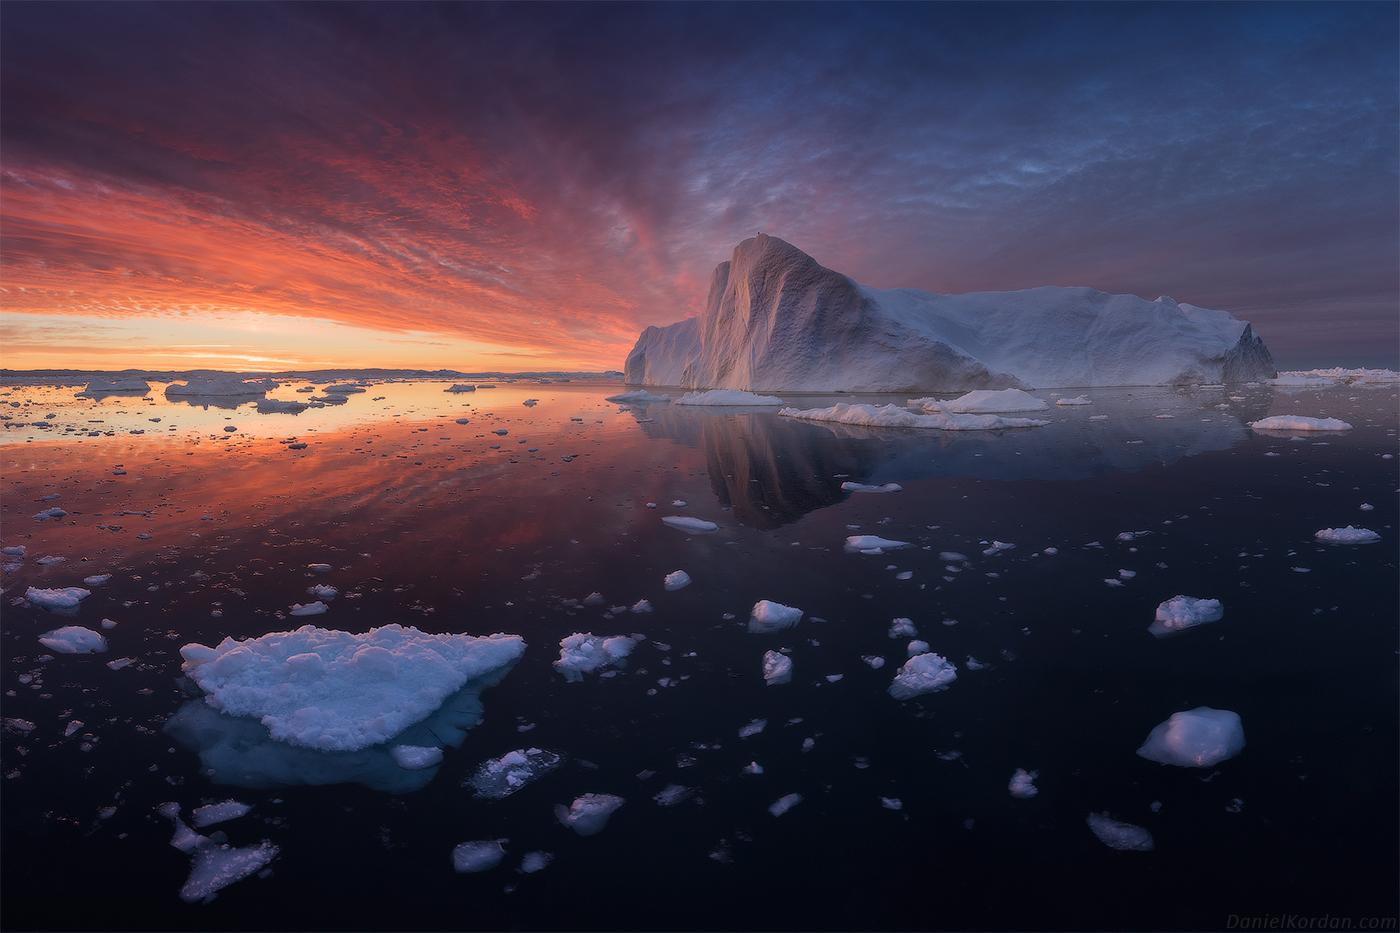 West Greenland Photo Workshop in Disko Bay | Sailing on Schooner - day 2